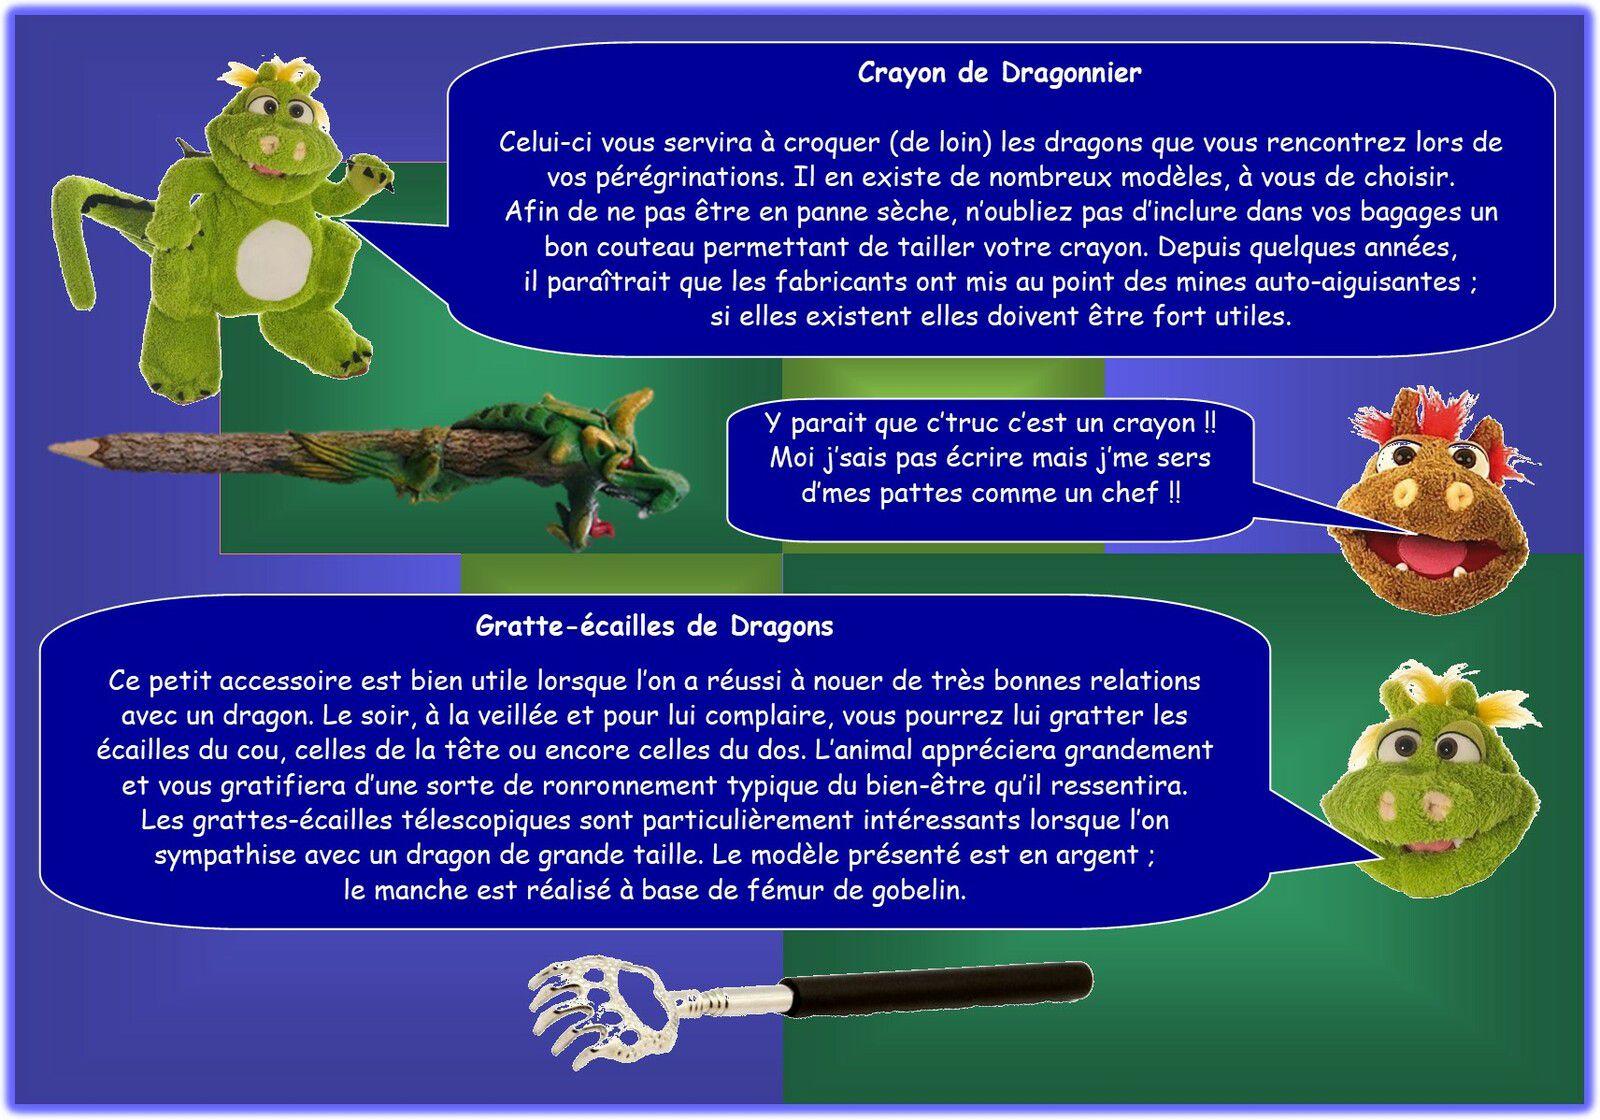 DRAGONNIERS : Quelques infos utiles lorsque vous voyagez aux pays des Dragons